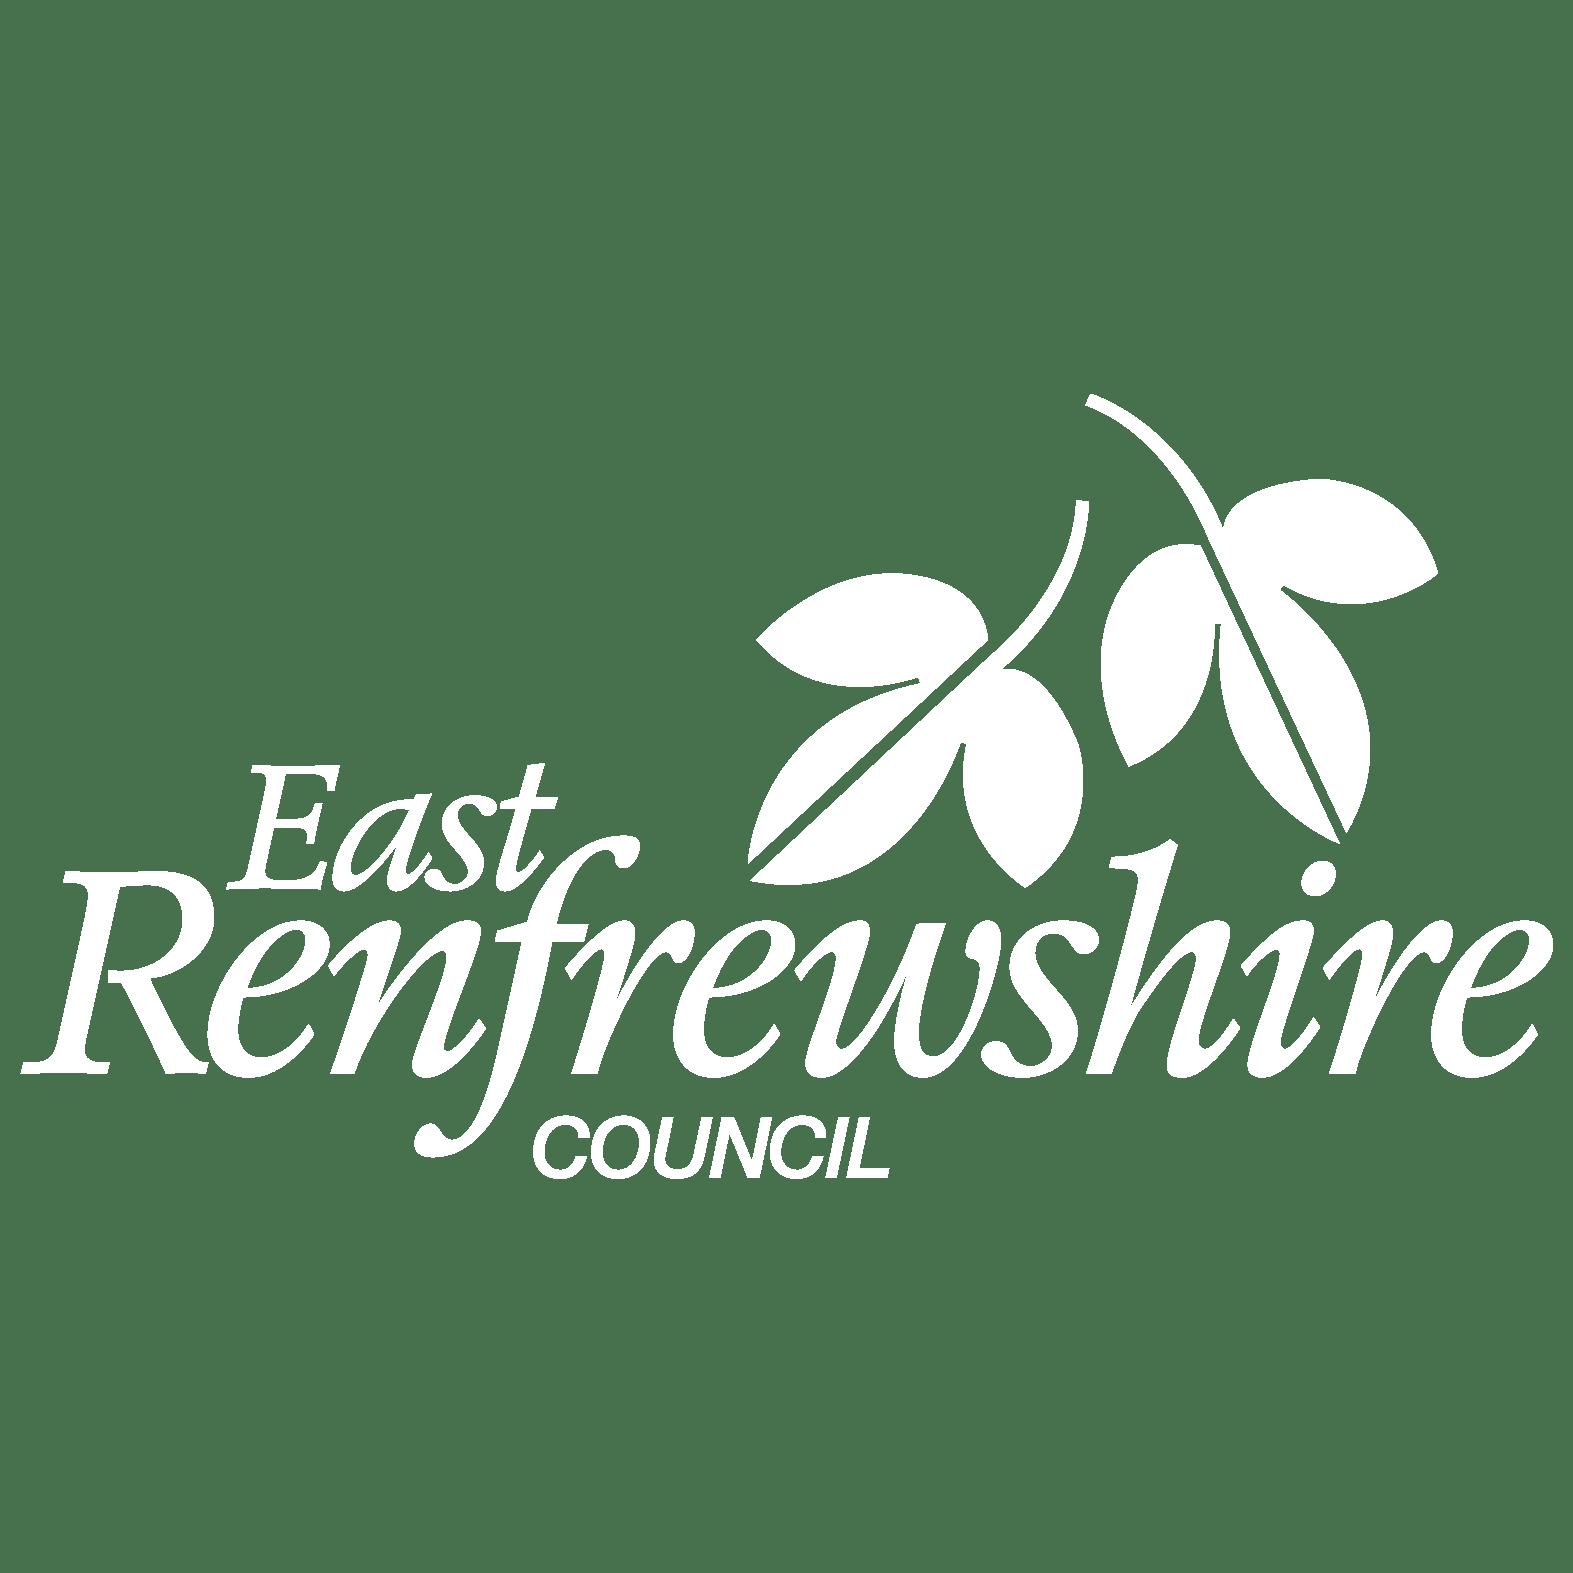 east-renfrewshire-council-logo